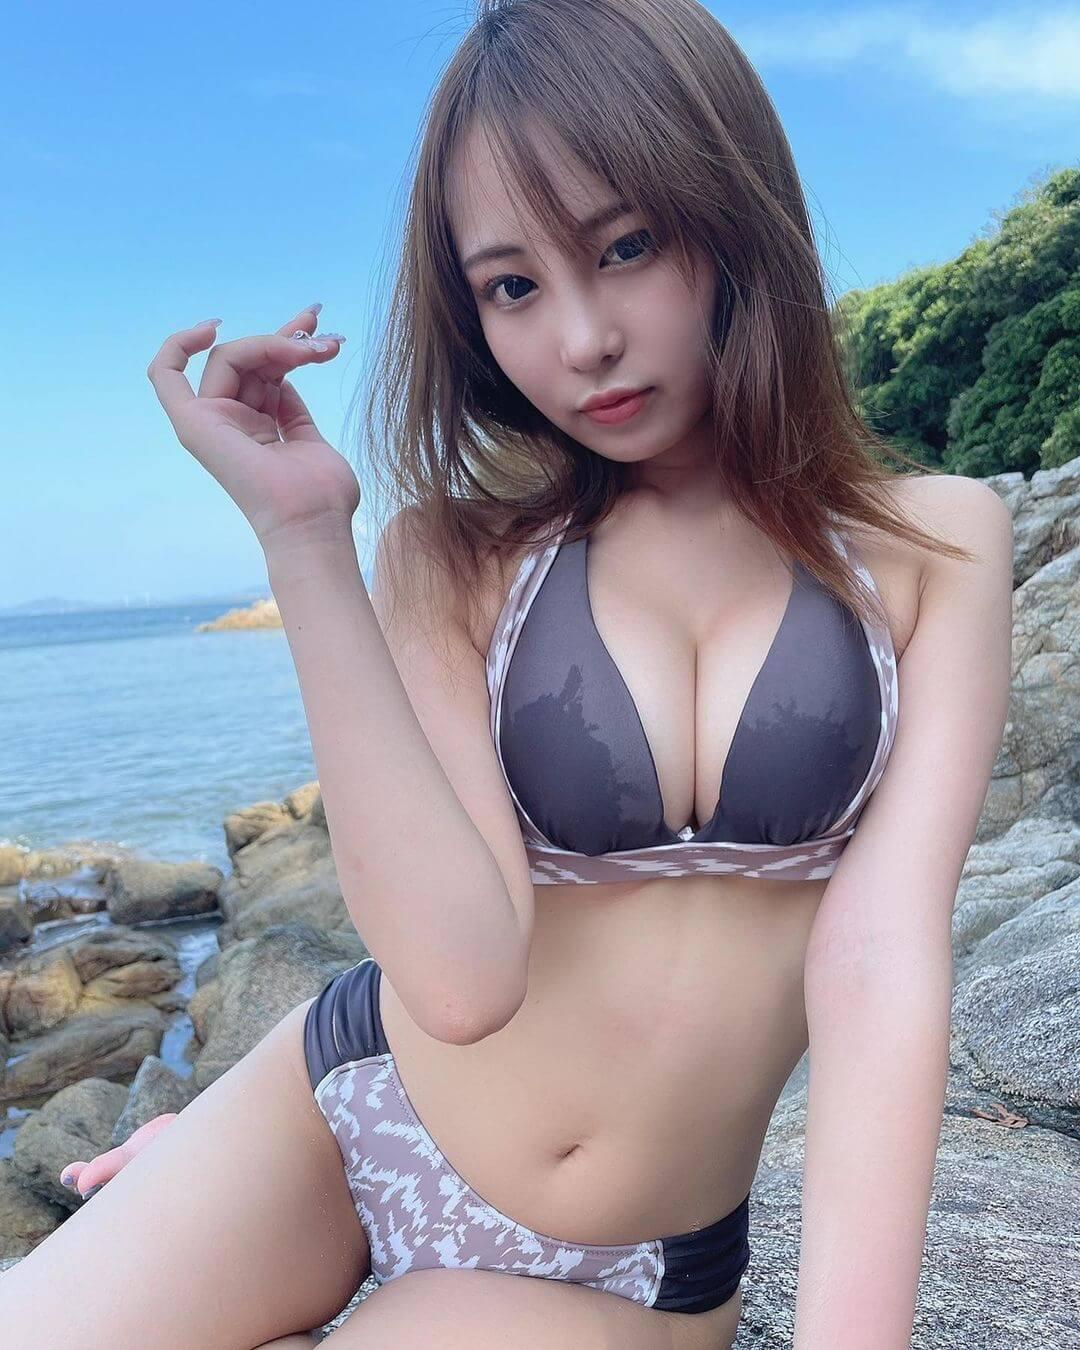 【素人画像】素人×美女×水着=最高にシコいです